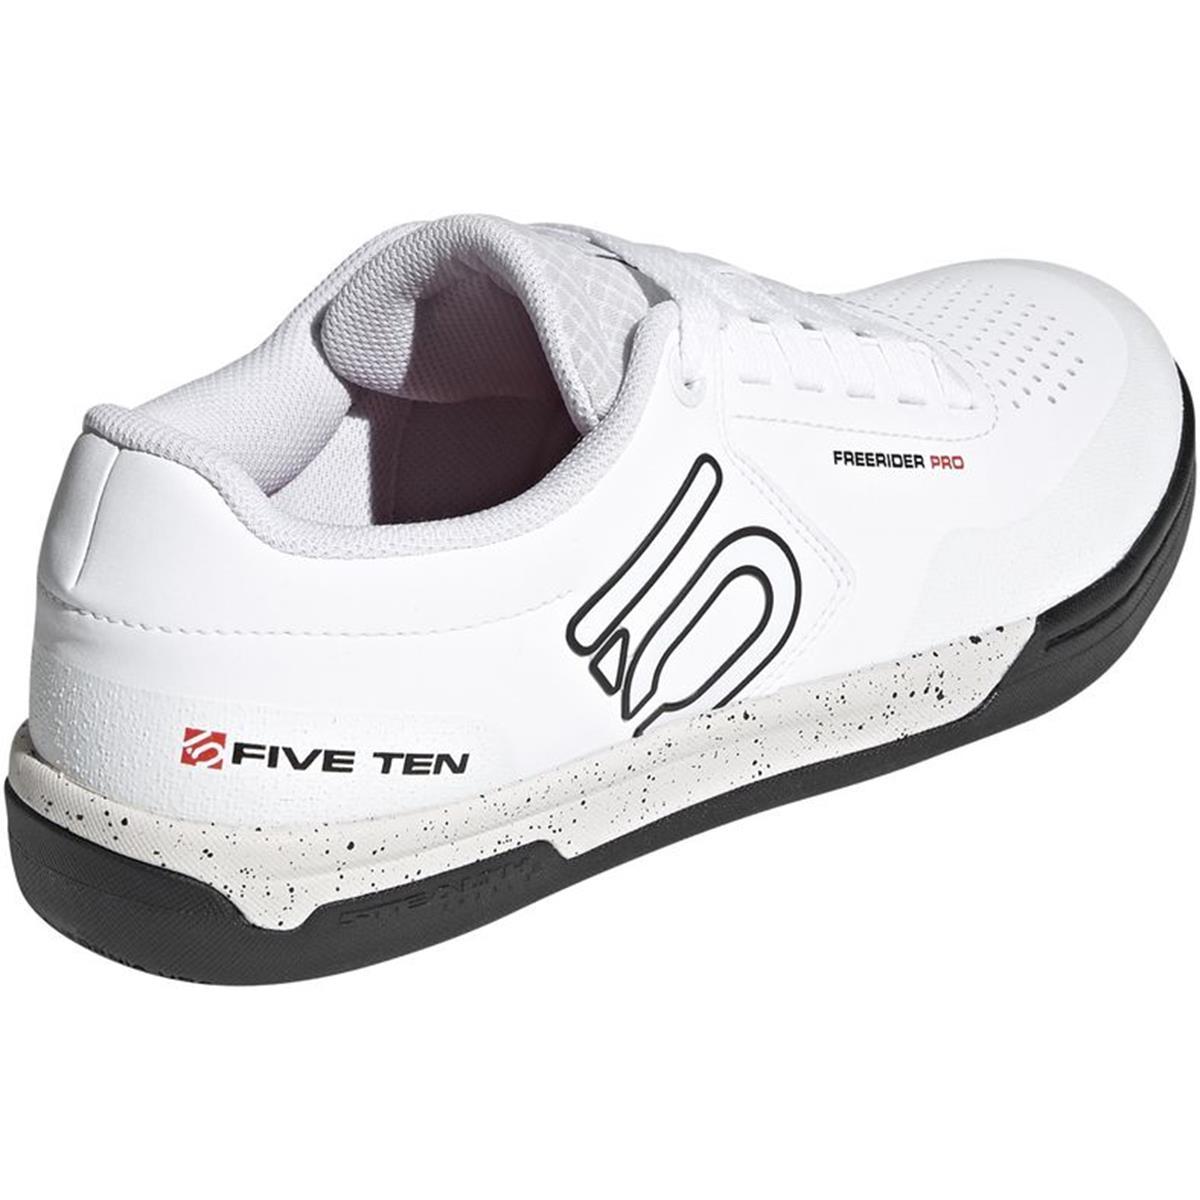 Five Ten MTB-Schuhe Freerider Pro Core Black//FTWR White//FTWR White